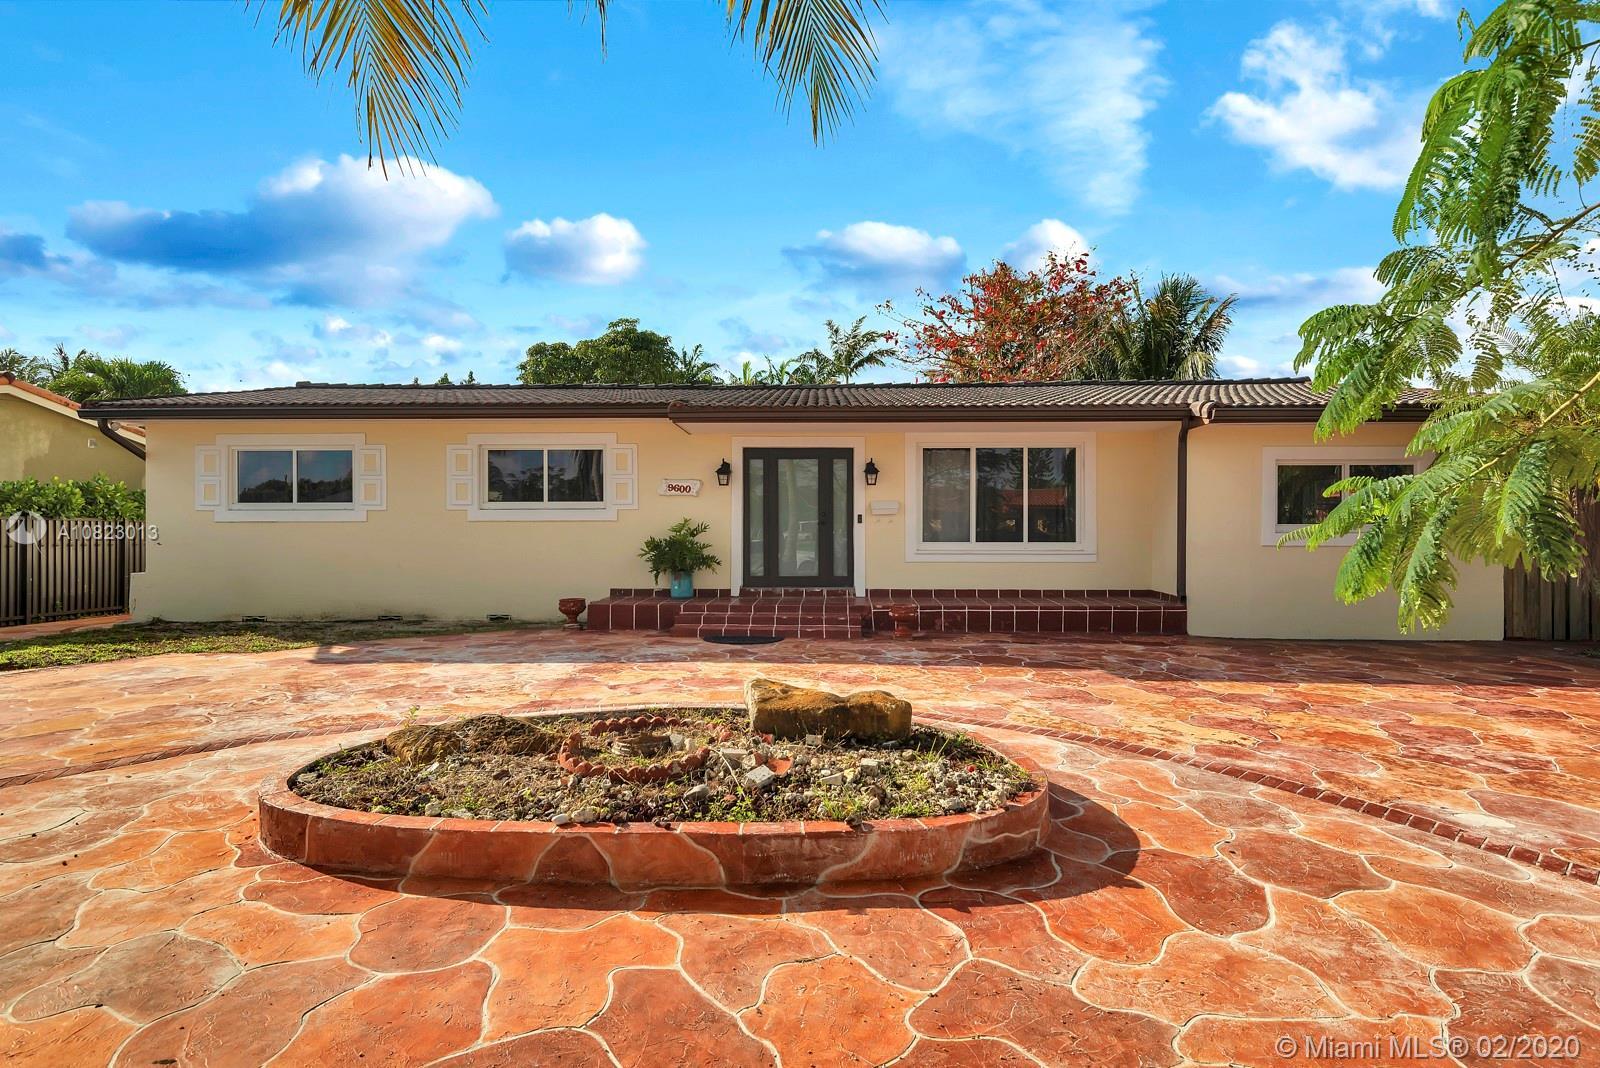 9600 SW 34th St, Miami, FL 33165 - Miami, FL real estate listing